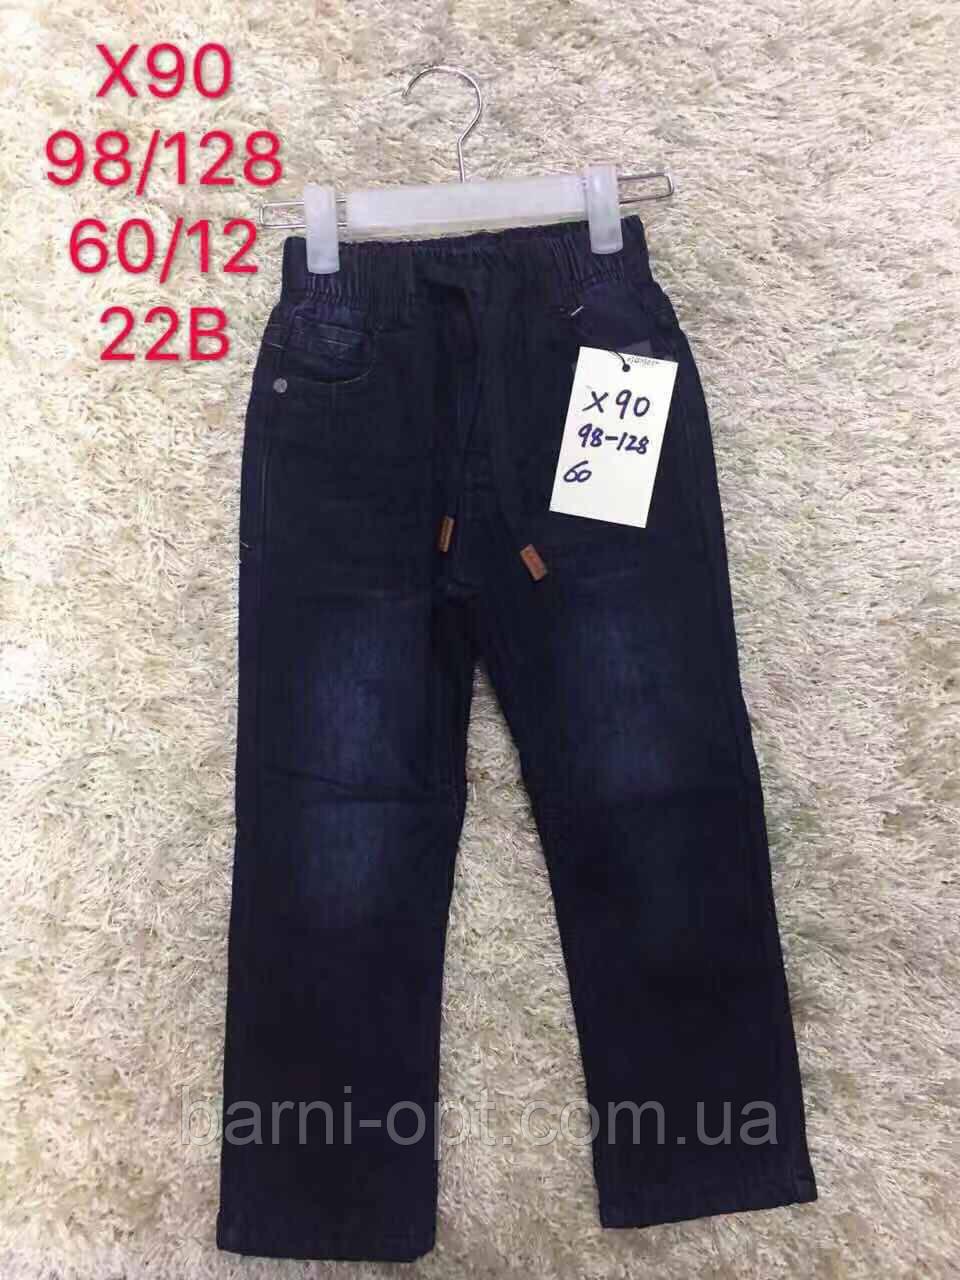 Джинсовые брюки утепленные для мальчиков оптом, Taurus , 98-128 рр